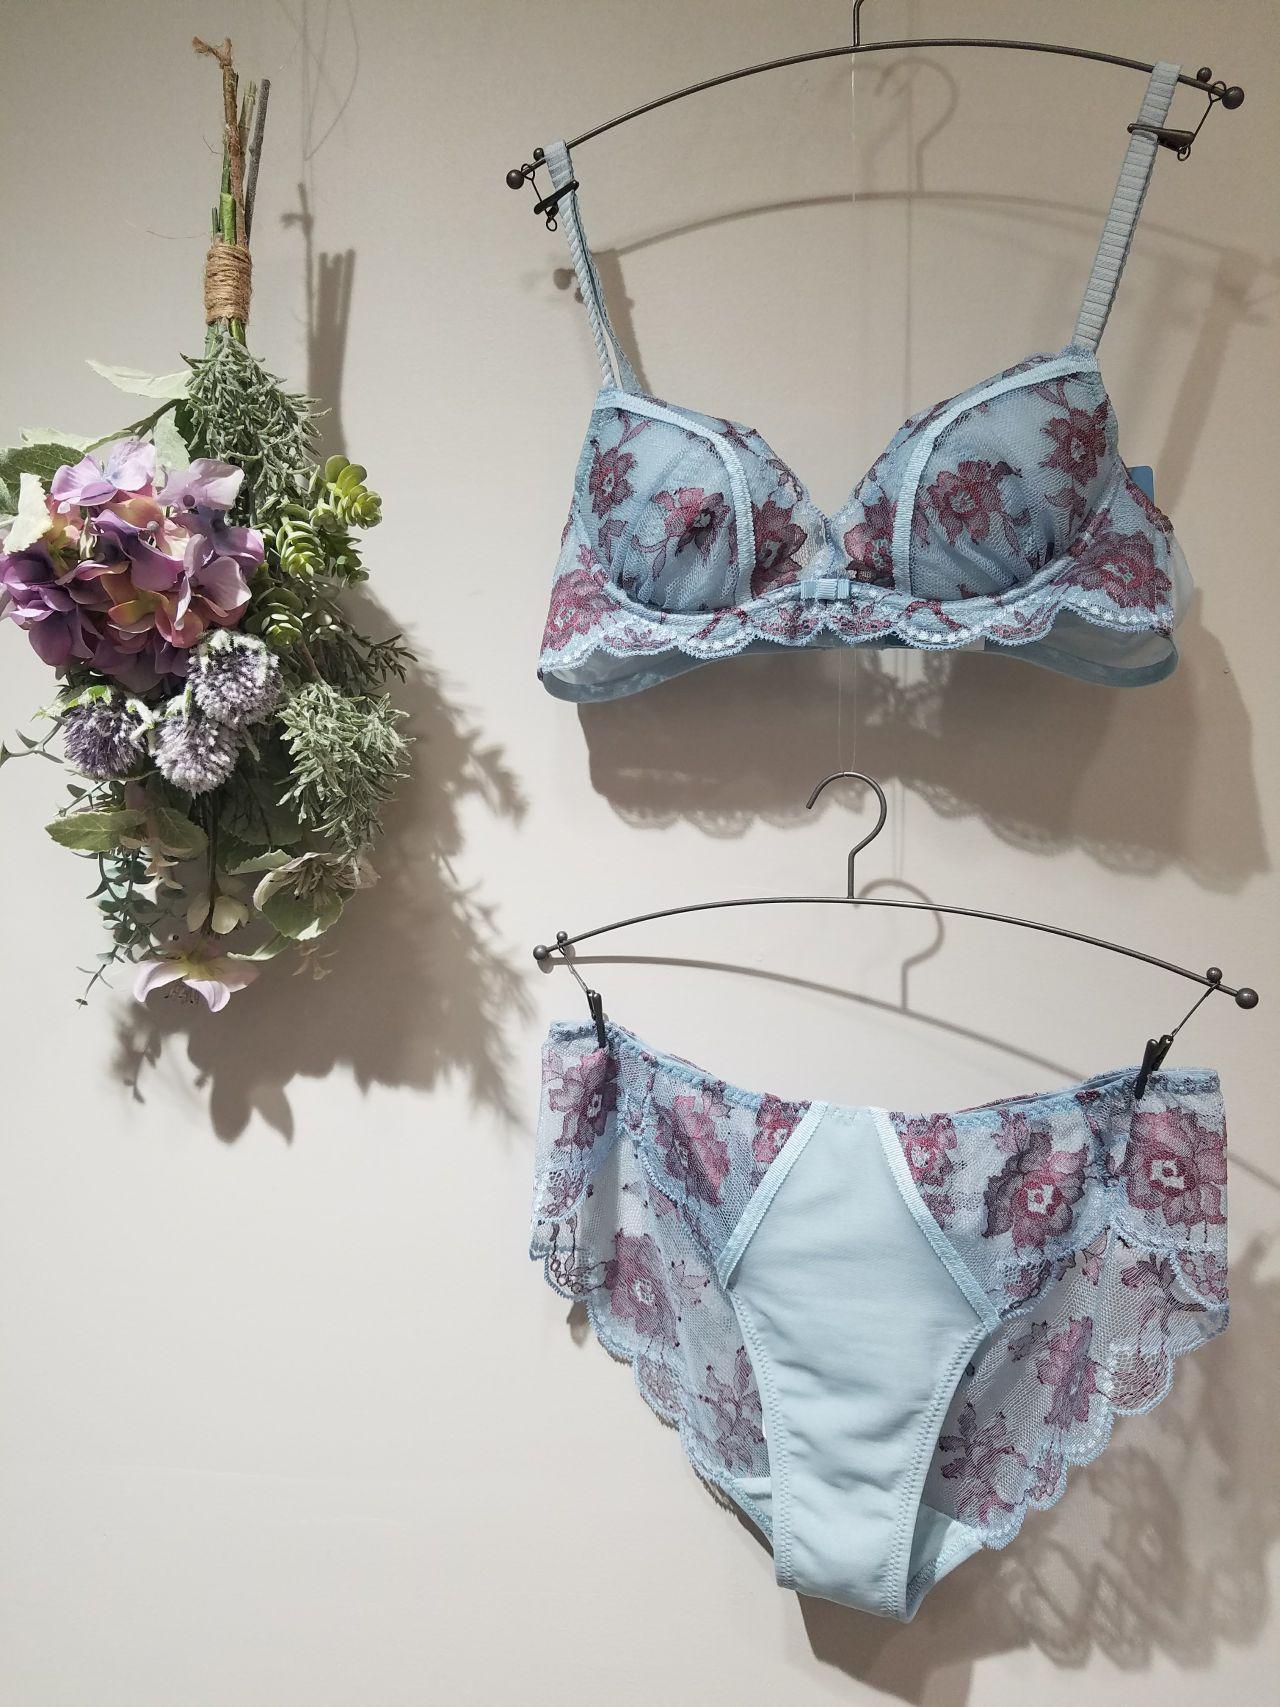 下着コレクション でも、そんな春のファッションの楽しさを倍増させてくれる素敵なコレクションが続々と入荷しております!